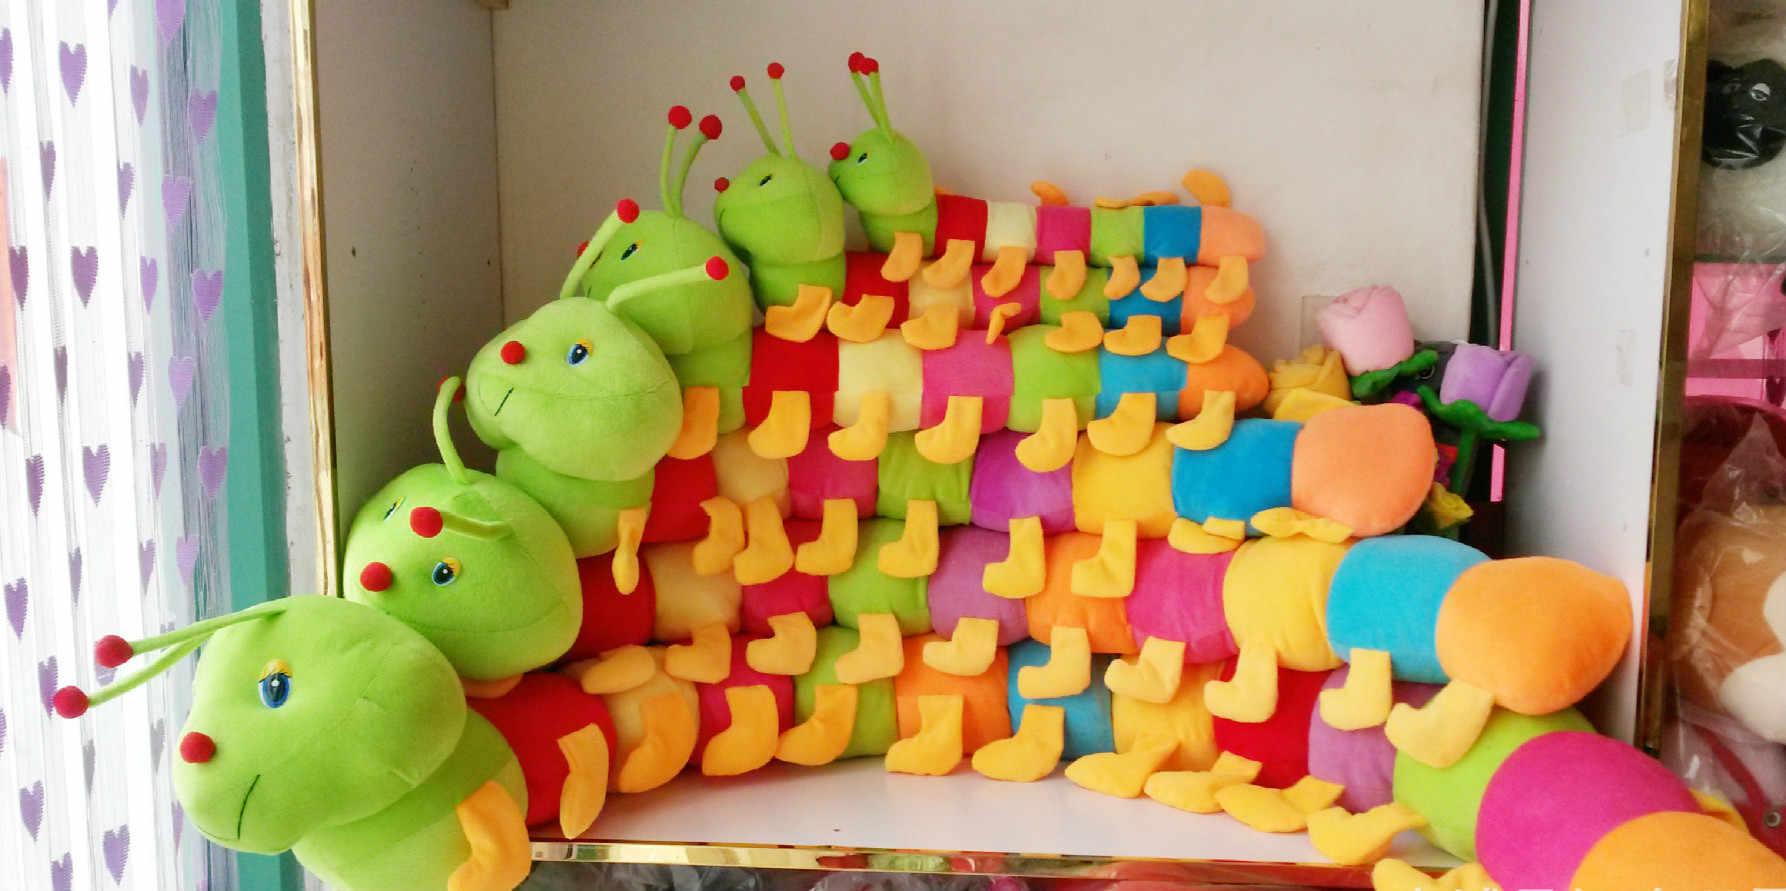 سوبر كبير لطيف الملونة اليرقات الوسائد محشوة لعب الأطفال دمى لينة وجميلة لديها نوعية جيدة للشحن المجاني